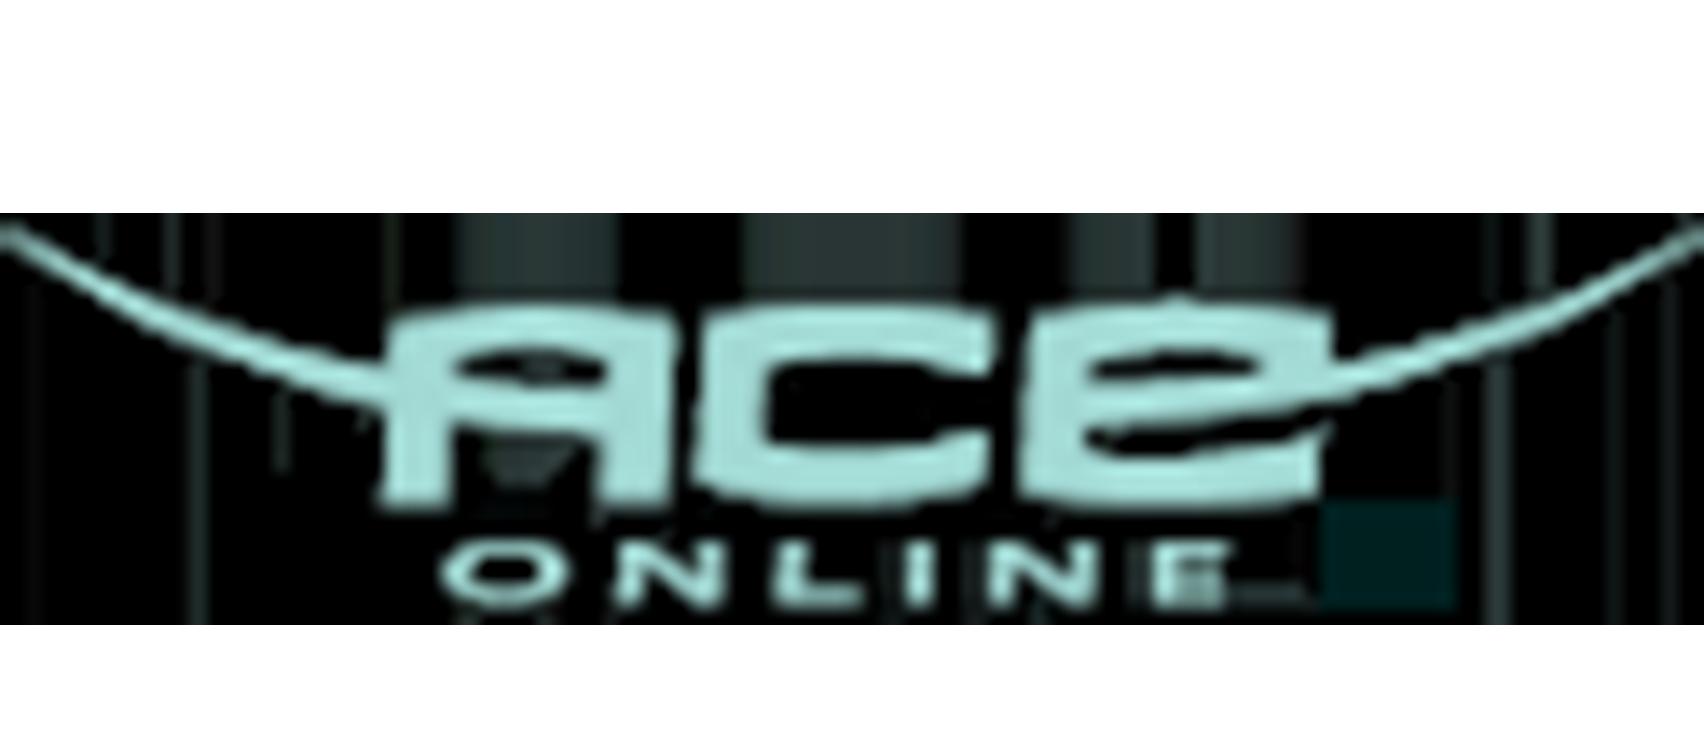 Ace Online  (lg)